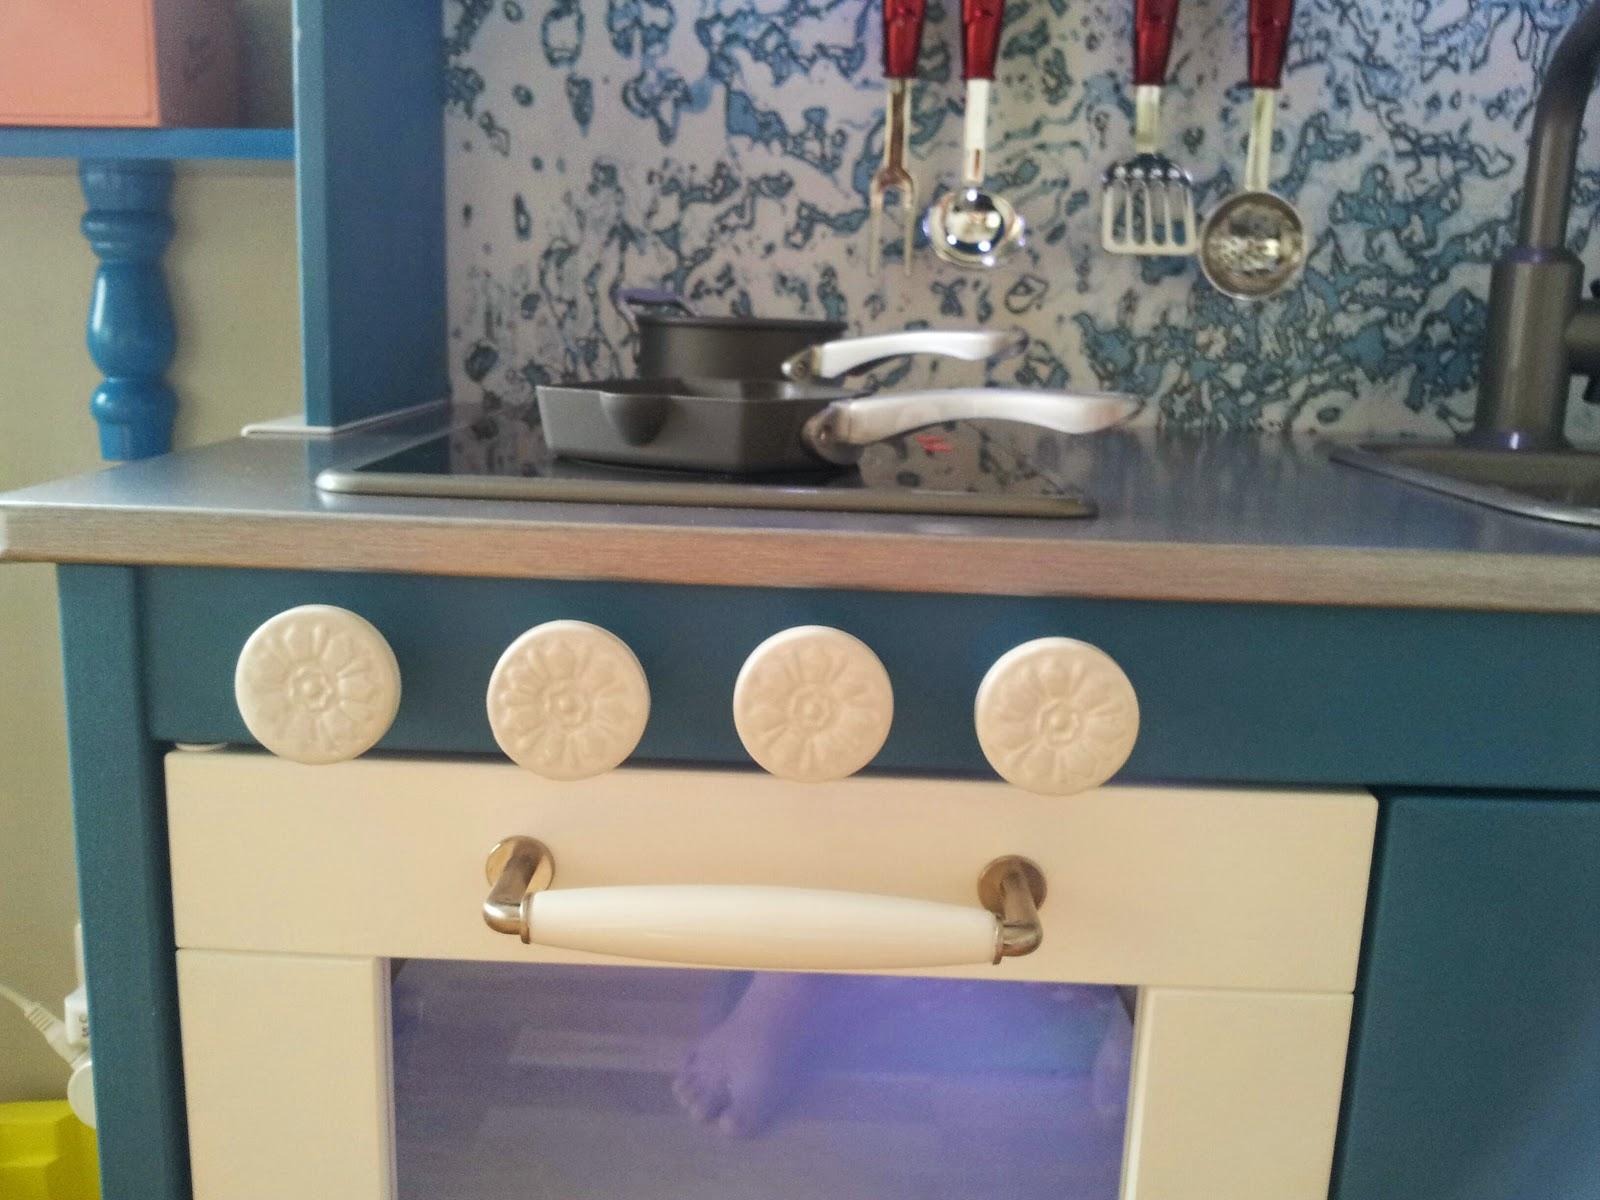 Full Size of Klebefolie Trianglig Fuer Ikea Duktig Kueche Farbe Mint Modulküche Holz Küche Mit Tresen Was Kostet Eine Neue Wanddeko Landhausküche Weiß Scheibengardinen Wohnzimmer Ikea Küche Mint